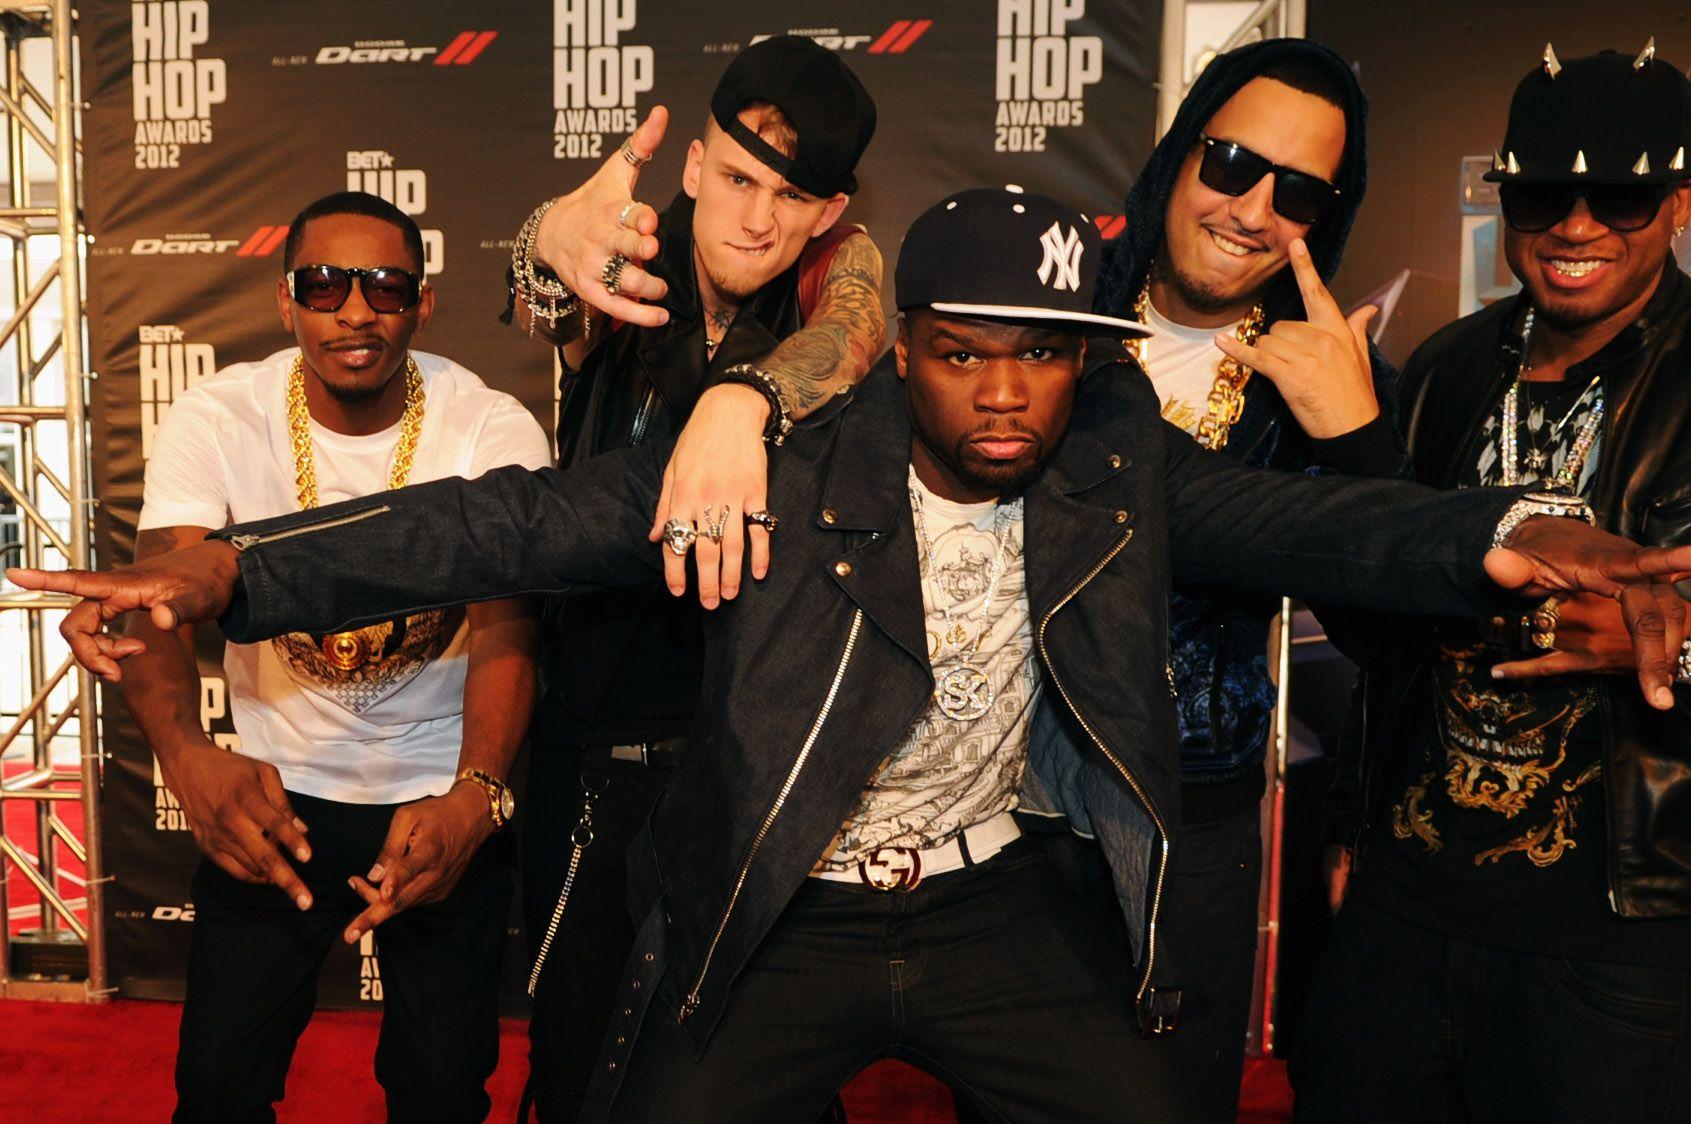 Pin On Hip Hop Awards